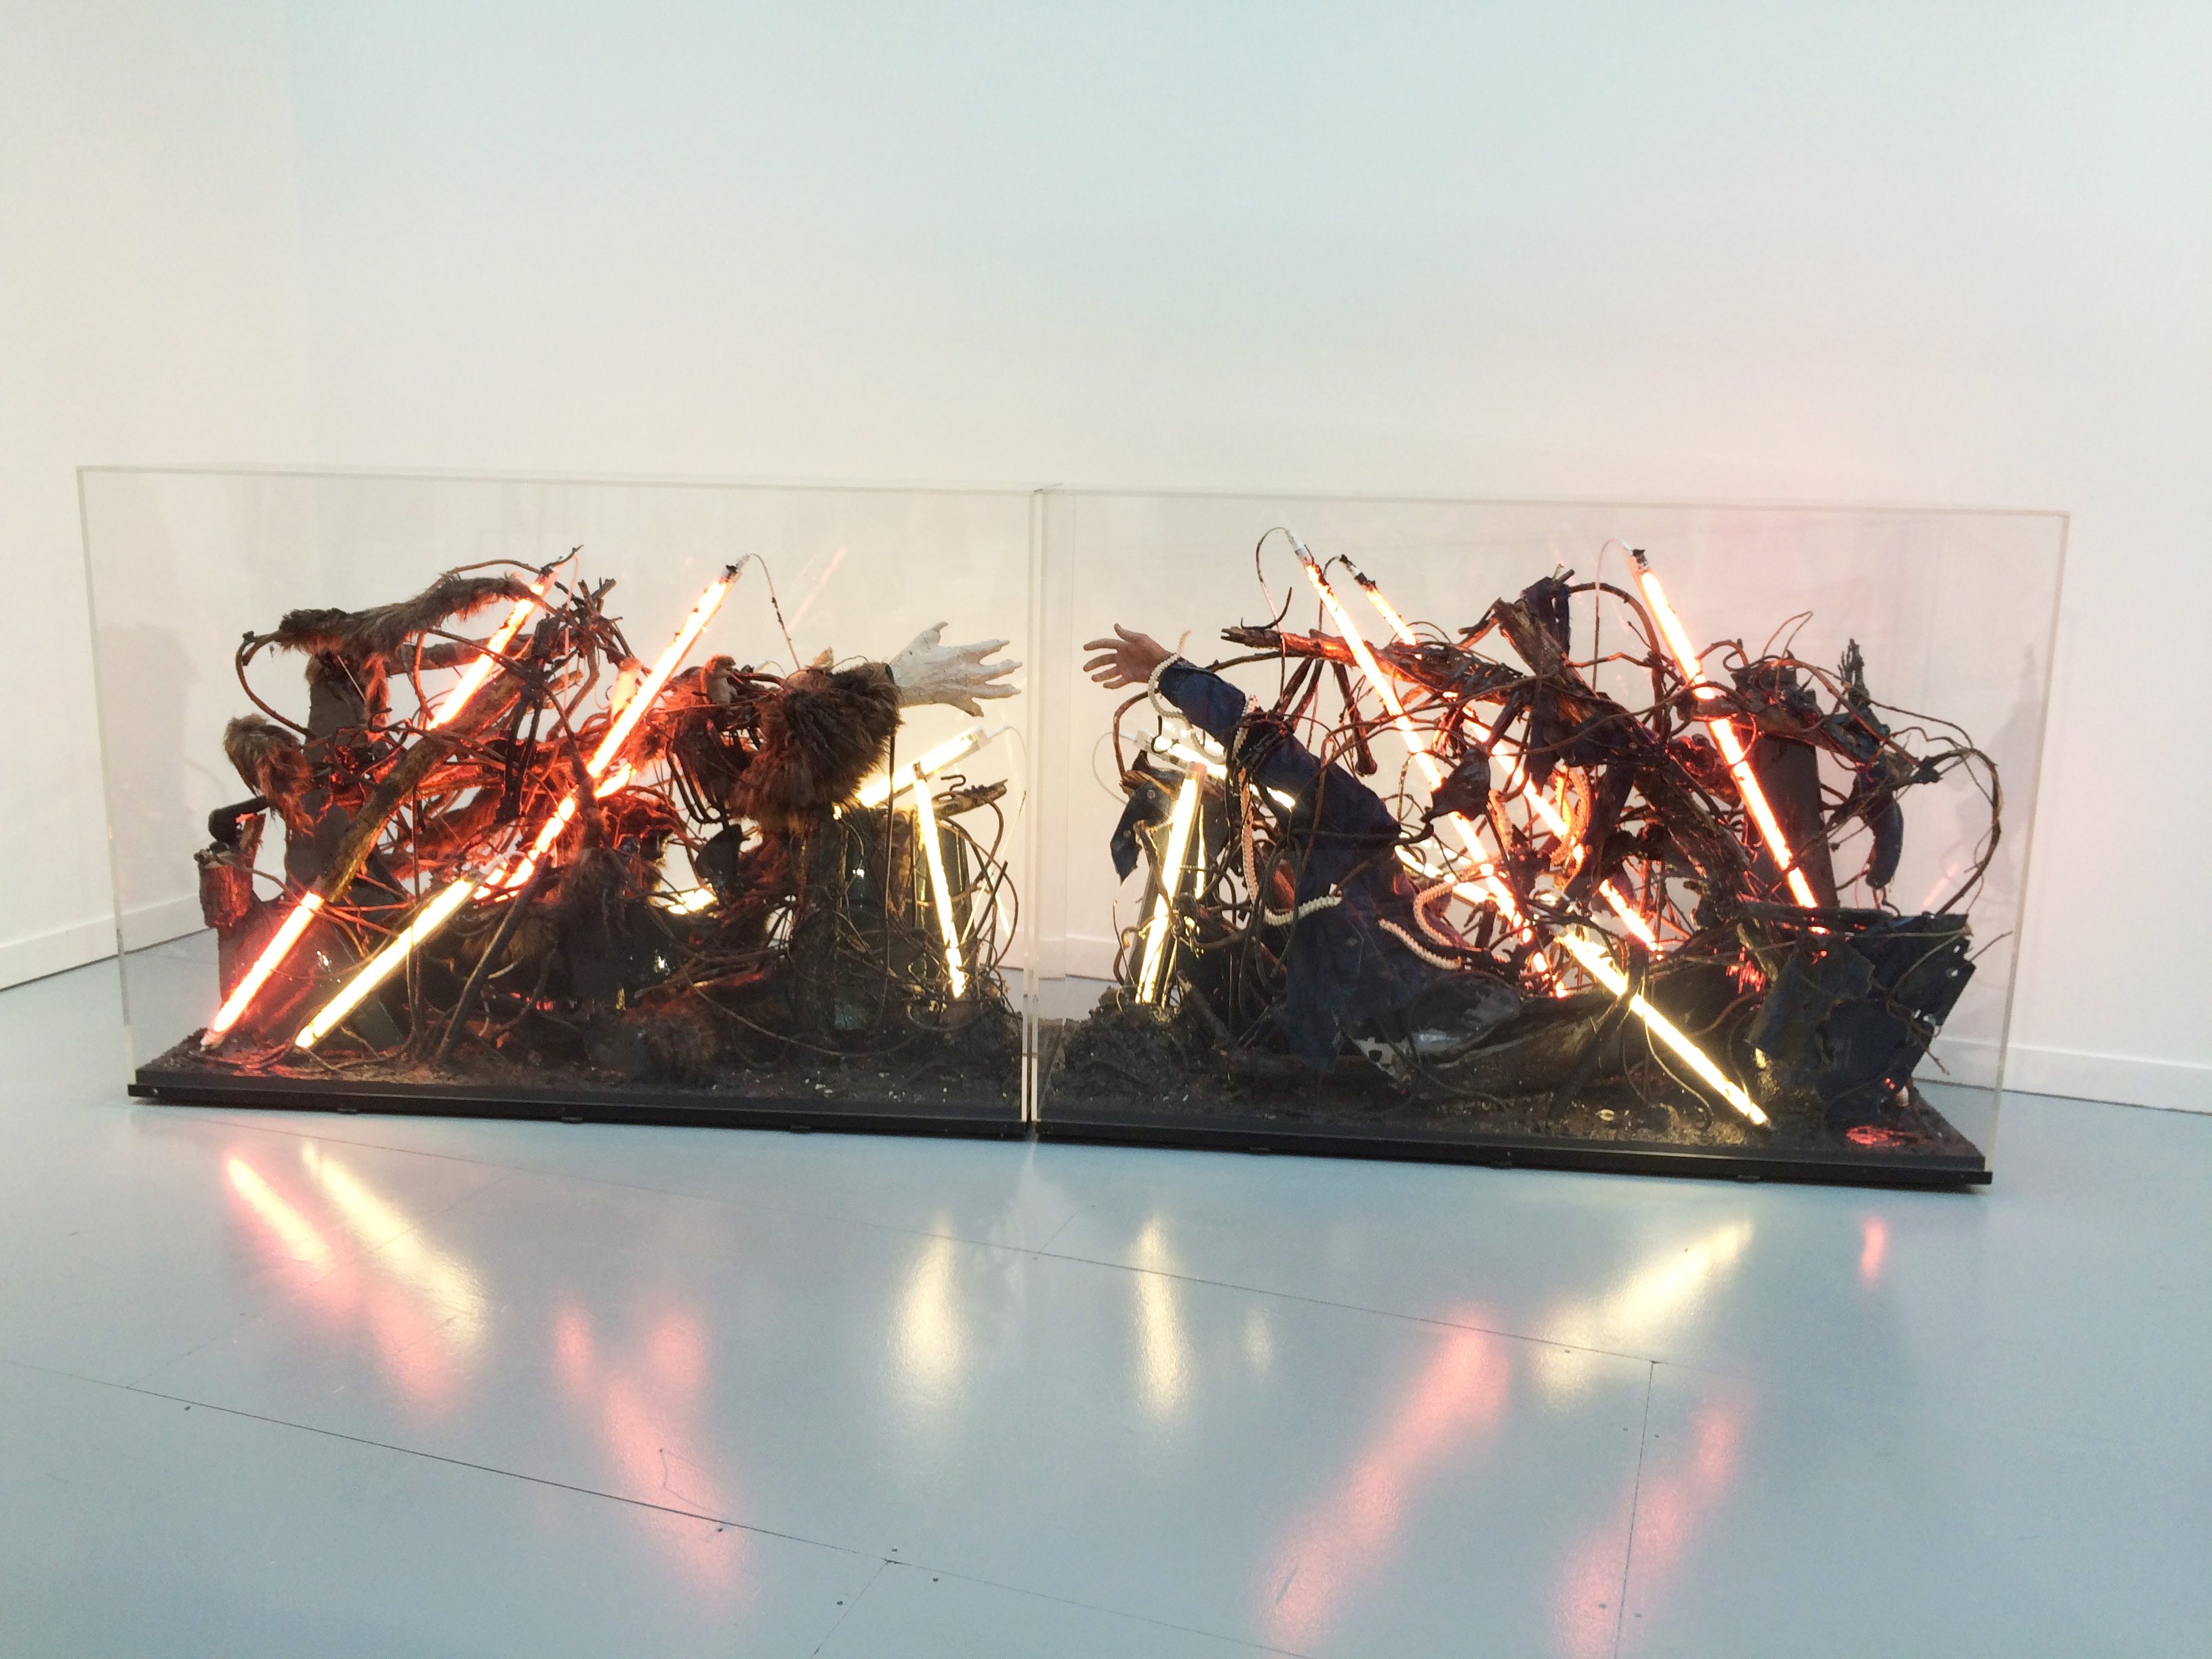 3. Korakrit Arunanondchai sur le stand de Clearing (New York-Bruxelles)   À moins de 30 ans, l'artiste d'origine thaïlandaise qui avait fait sensation au Palais de Tokyo en 2015 est sur tous les fronts. À la FIAC, la galerie présente son installation de la Biennale de Berlin et annonce sa participation à une exposition collective au Whitney Museum à New York, une résidence en Afrique du Sud et un tournage de vidéo en chantier en Thaïlande. Son solo show à Bozzano, en Italie, vient, lui, de se terminer. Un parcours international à l'image de l'artiste, dont les œuvres mêlent références à la pop culture occidentale et aux traditions orientales dans une grande partouze mondialisée. Son art, total et joyeusement anarchique, fait le grand écart entre le monde contemporain – nouvelles technologies et Internet – et les croyances ancestrales, son histoire personnelle et les grands sujets politiques et environnementaux. De nouvelles œuvres seront présentées à Art Basel Miami en décembre en attendant son exposition en mars chez Clearing à New York.  L'installation: 65 000 dollars (vendue).  www.c-l-e-a-r-i-n-g.com